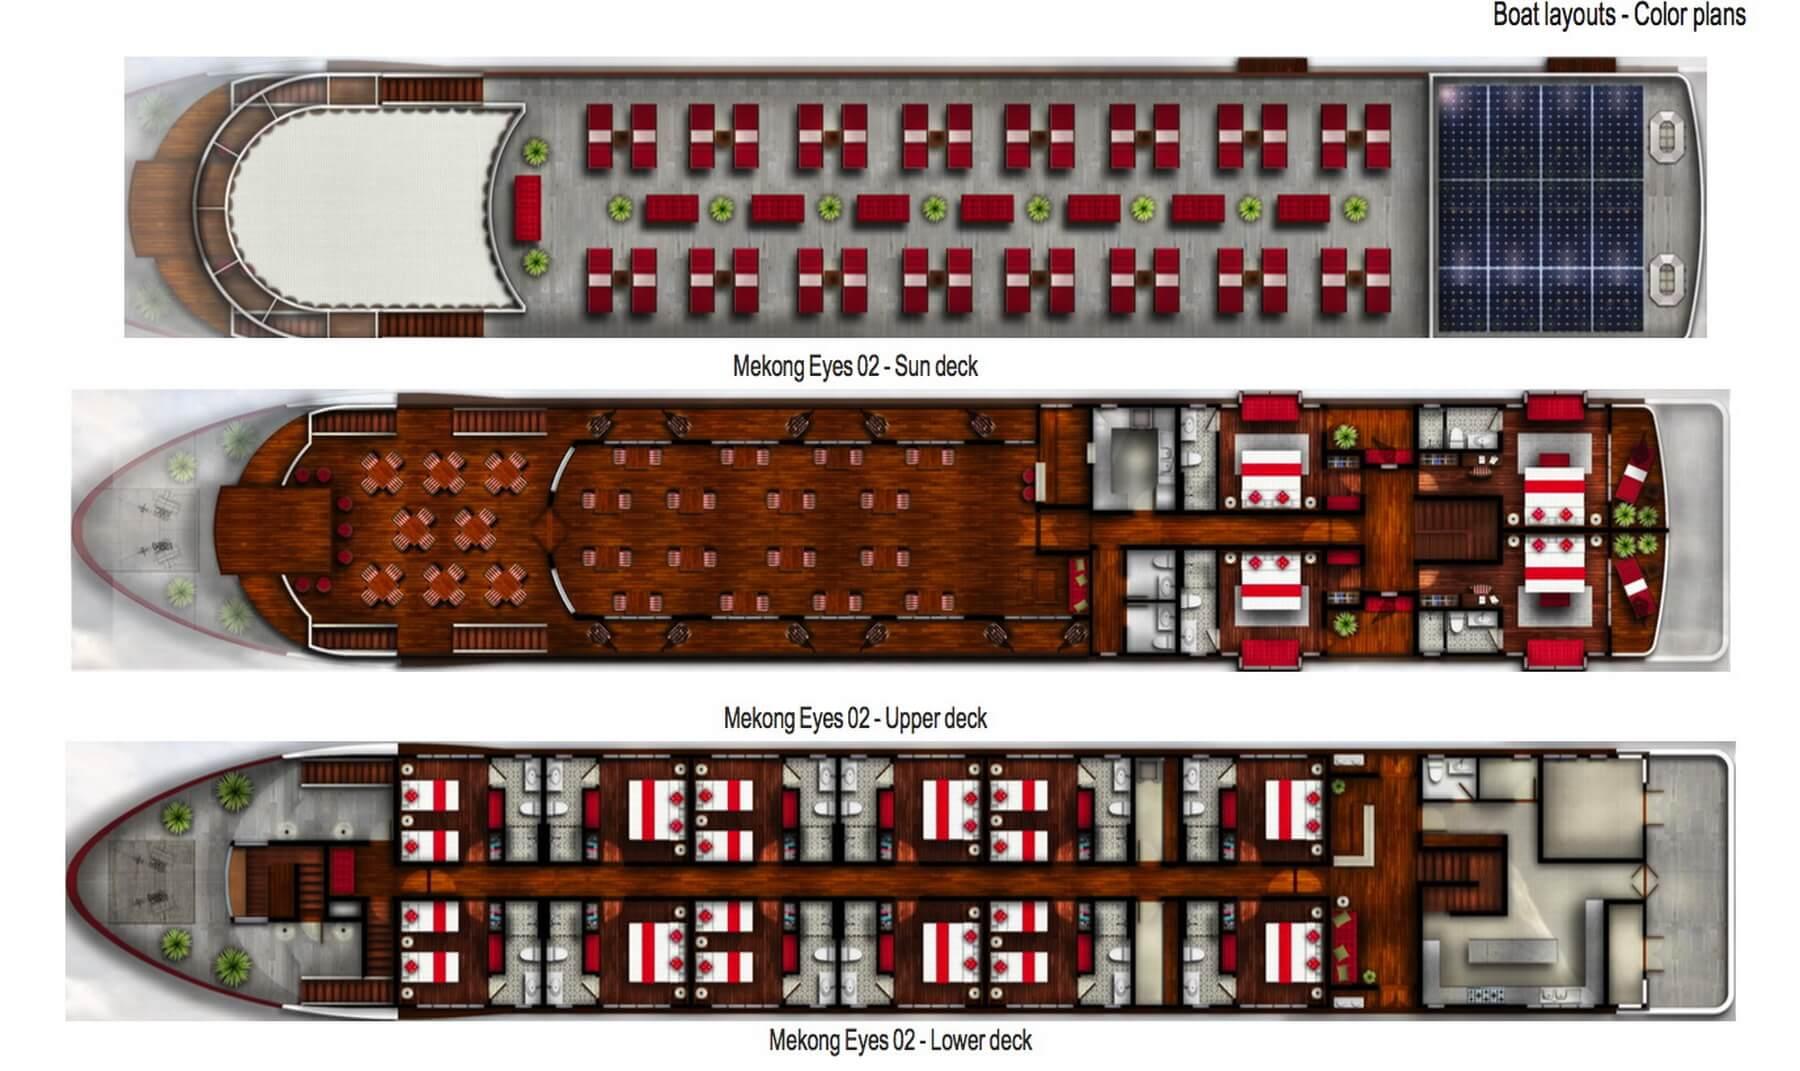 Der Deckplan der Mekong Eyes Explorer